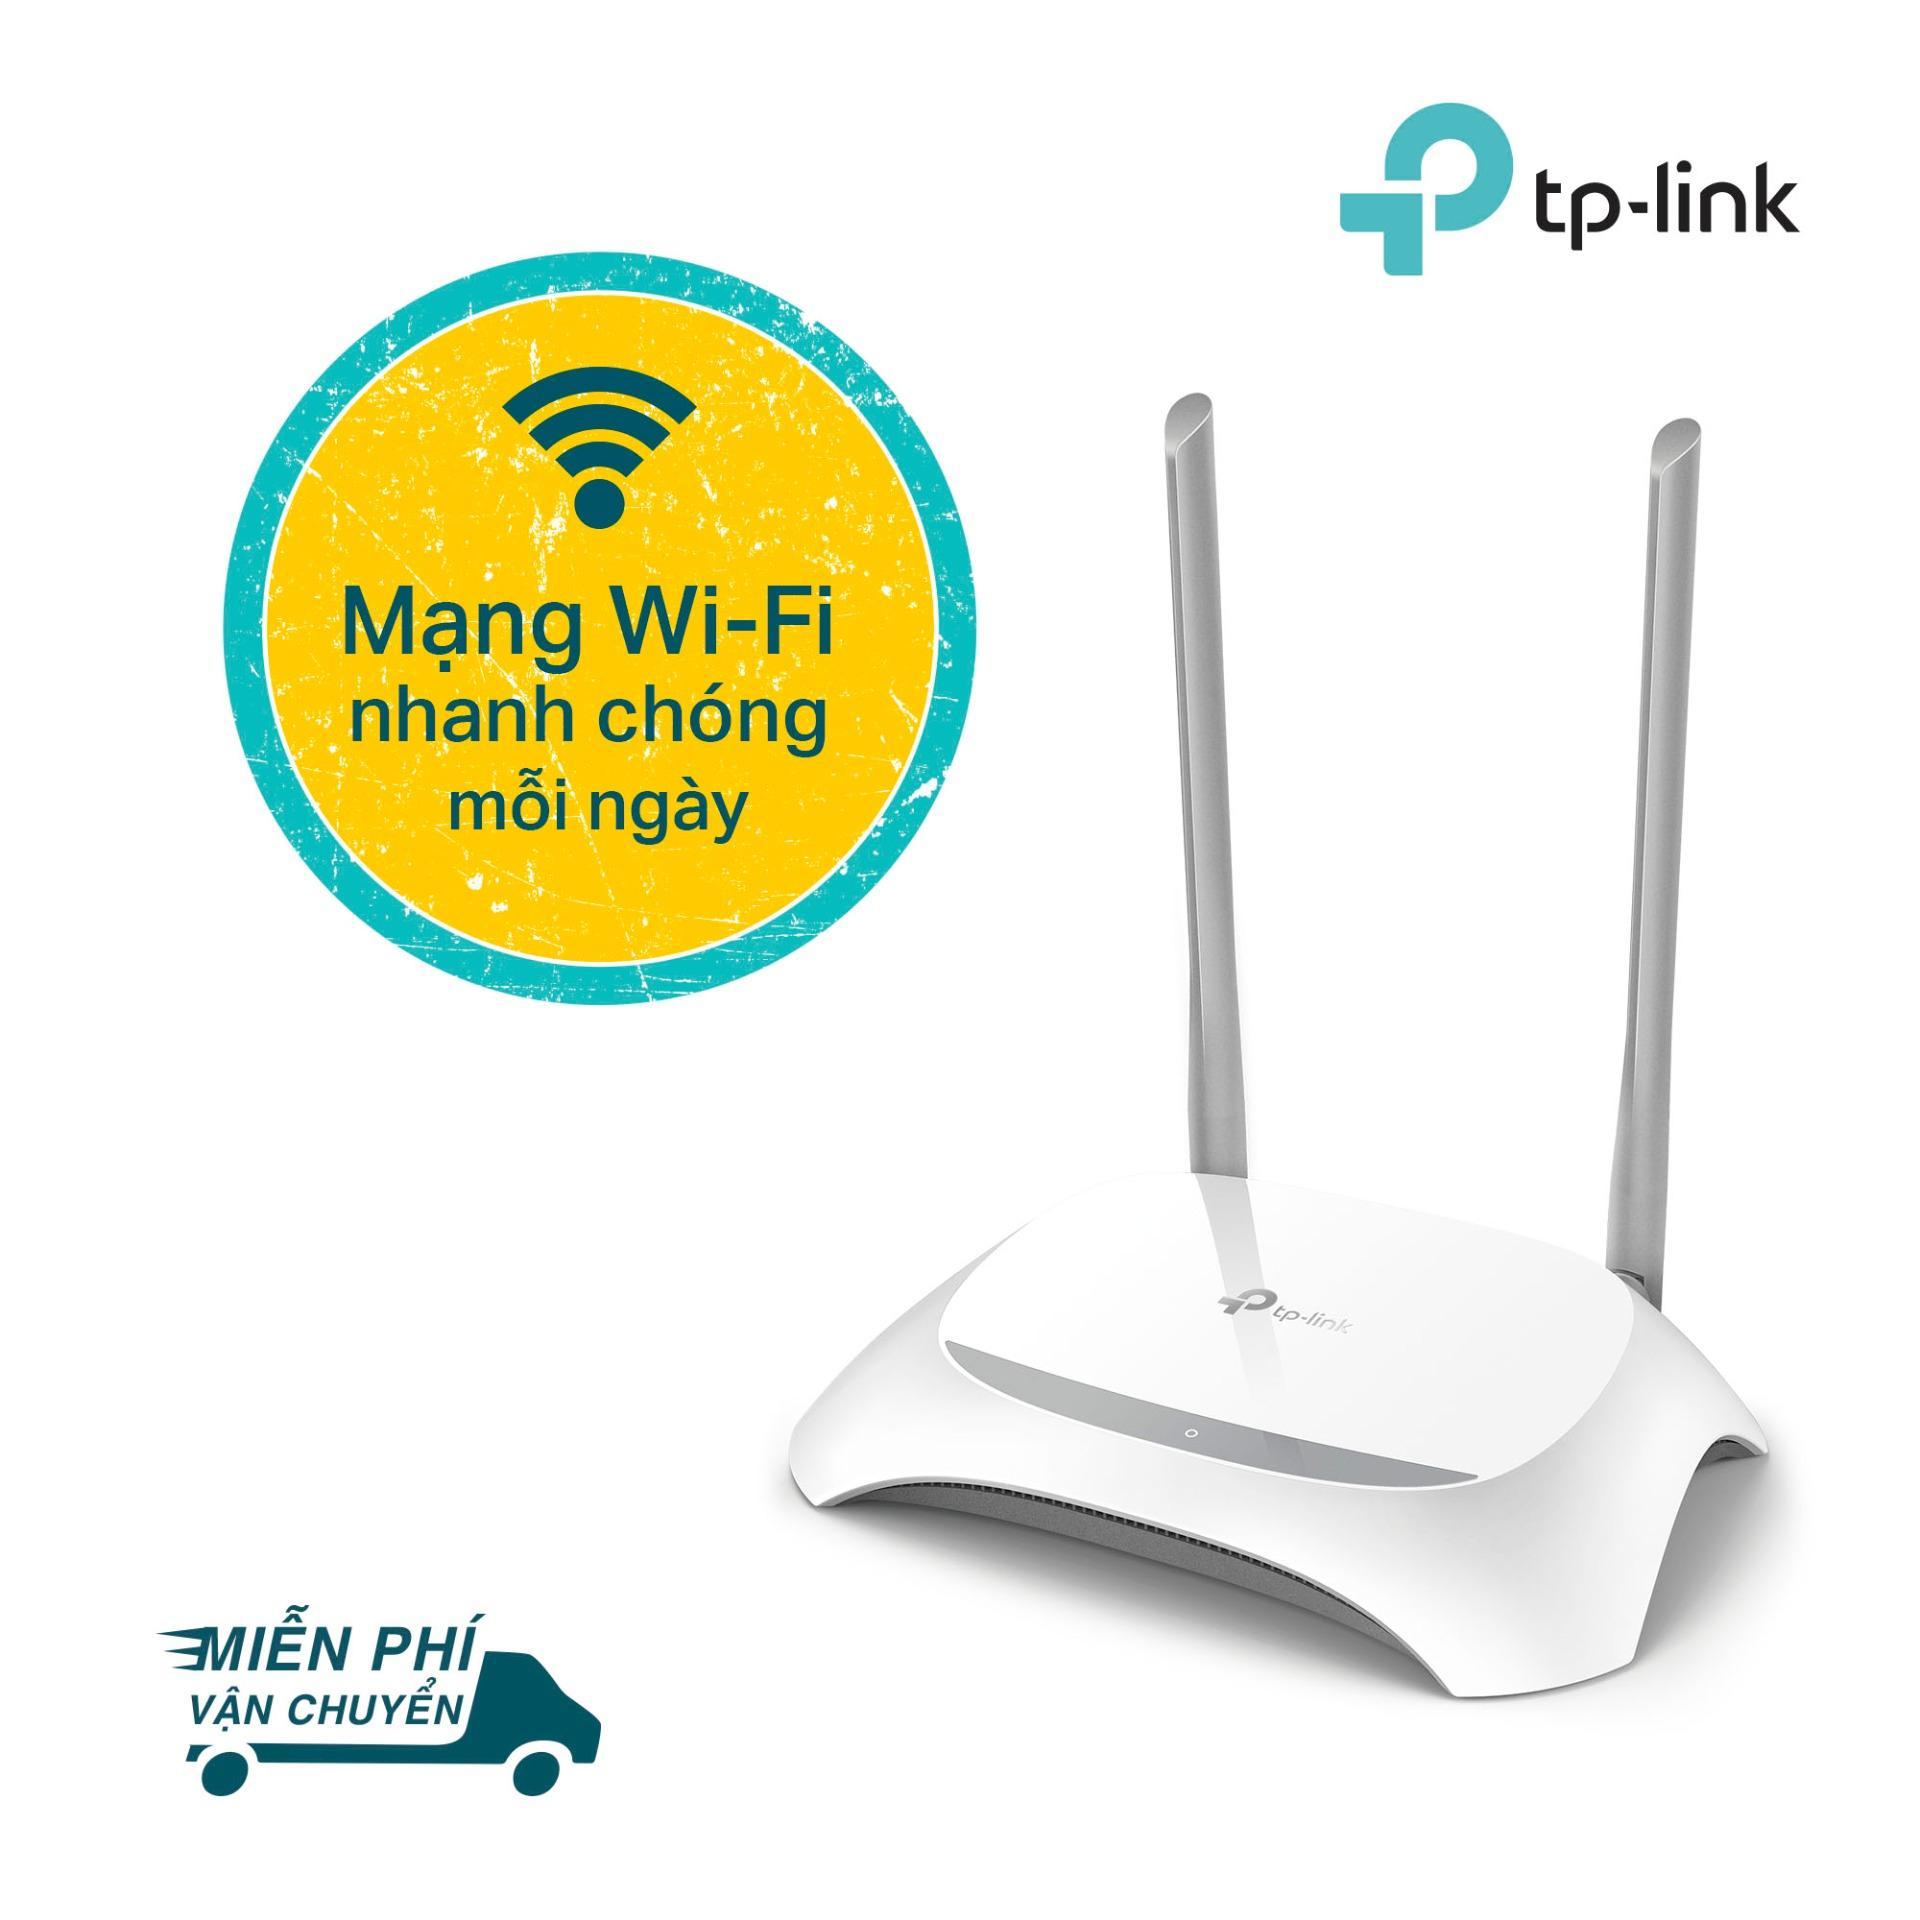 TP-Link bộ phát Wifi Chuẩn N 300Mbps cho tốc độ truyền tải nhanh TL-WR840N -Hãng phân phối chính thức